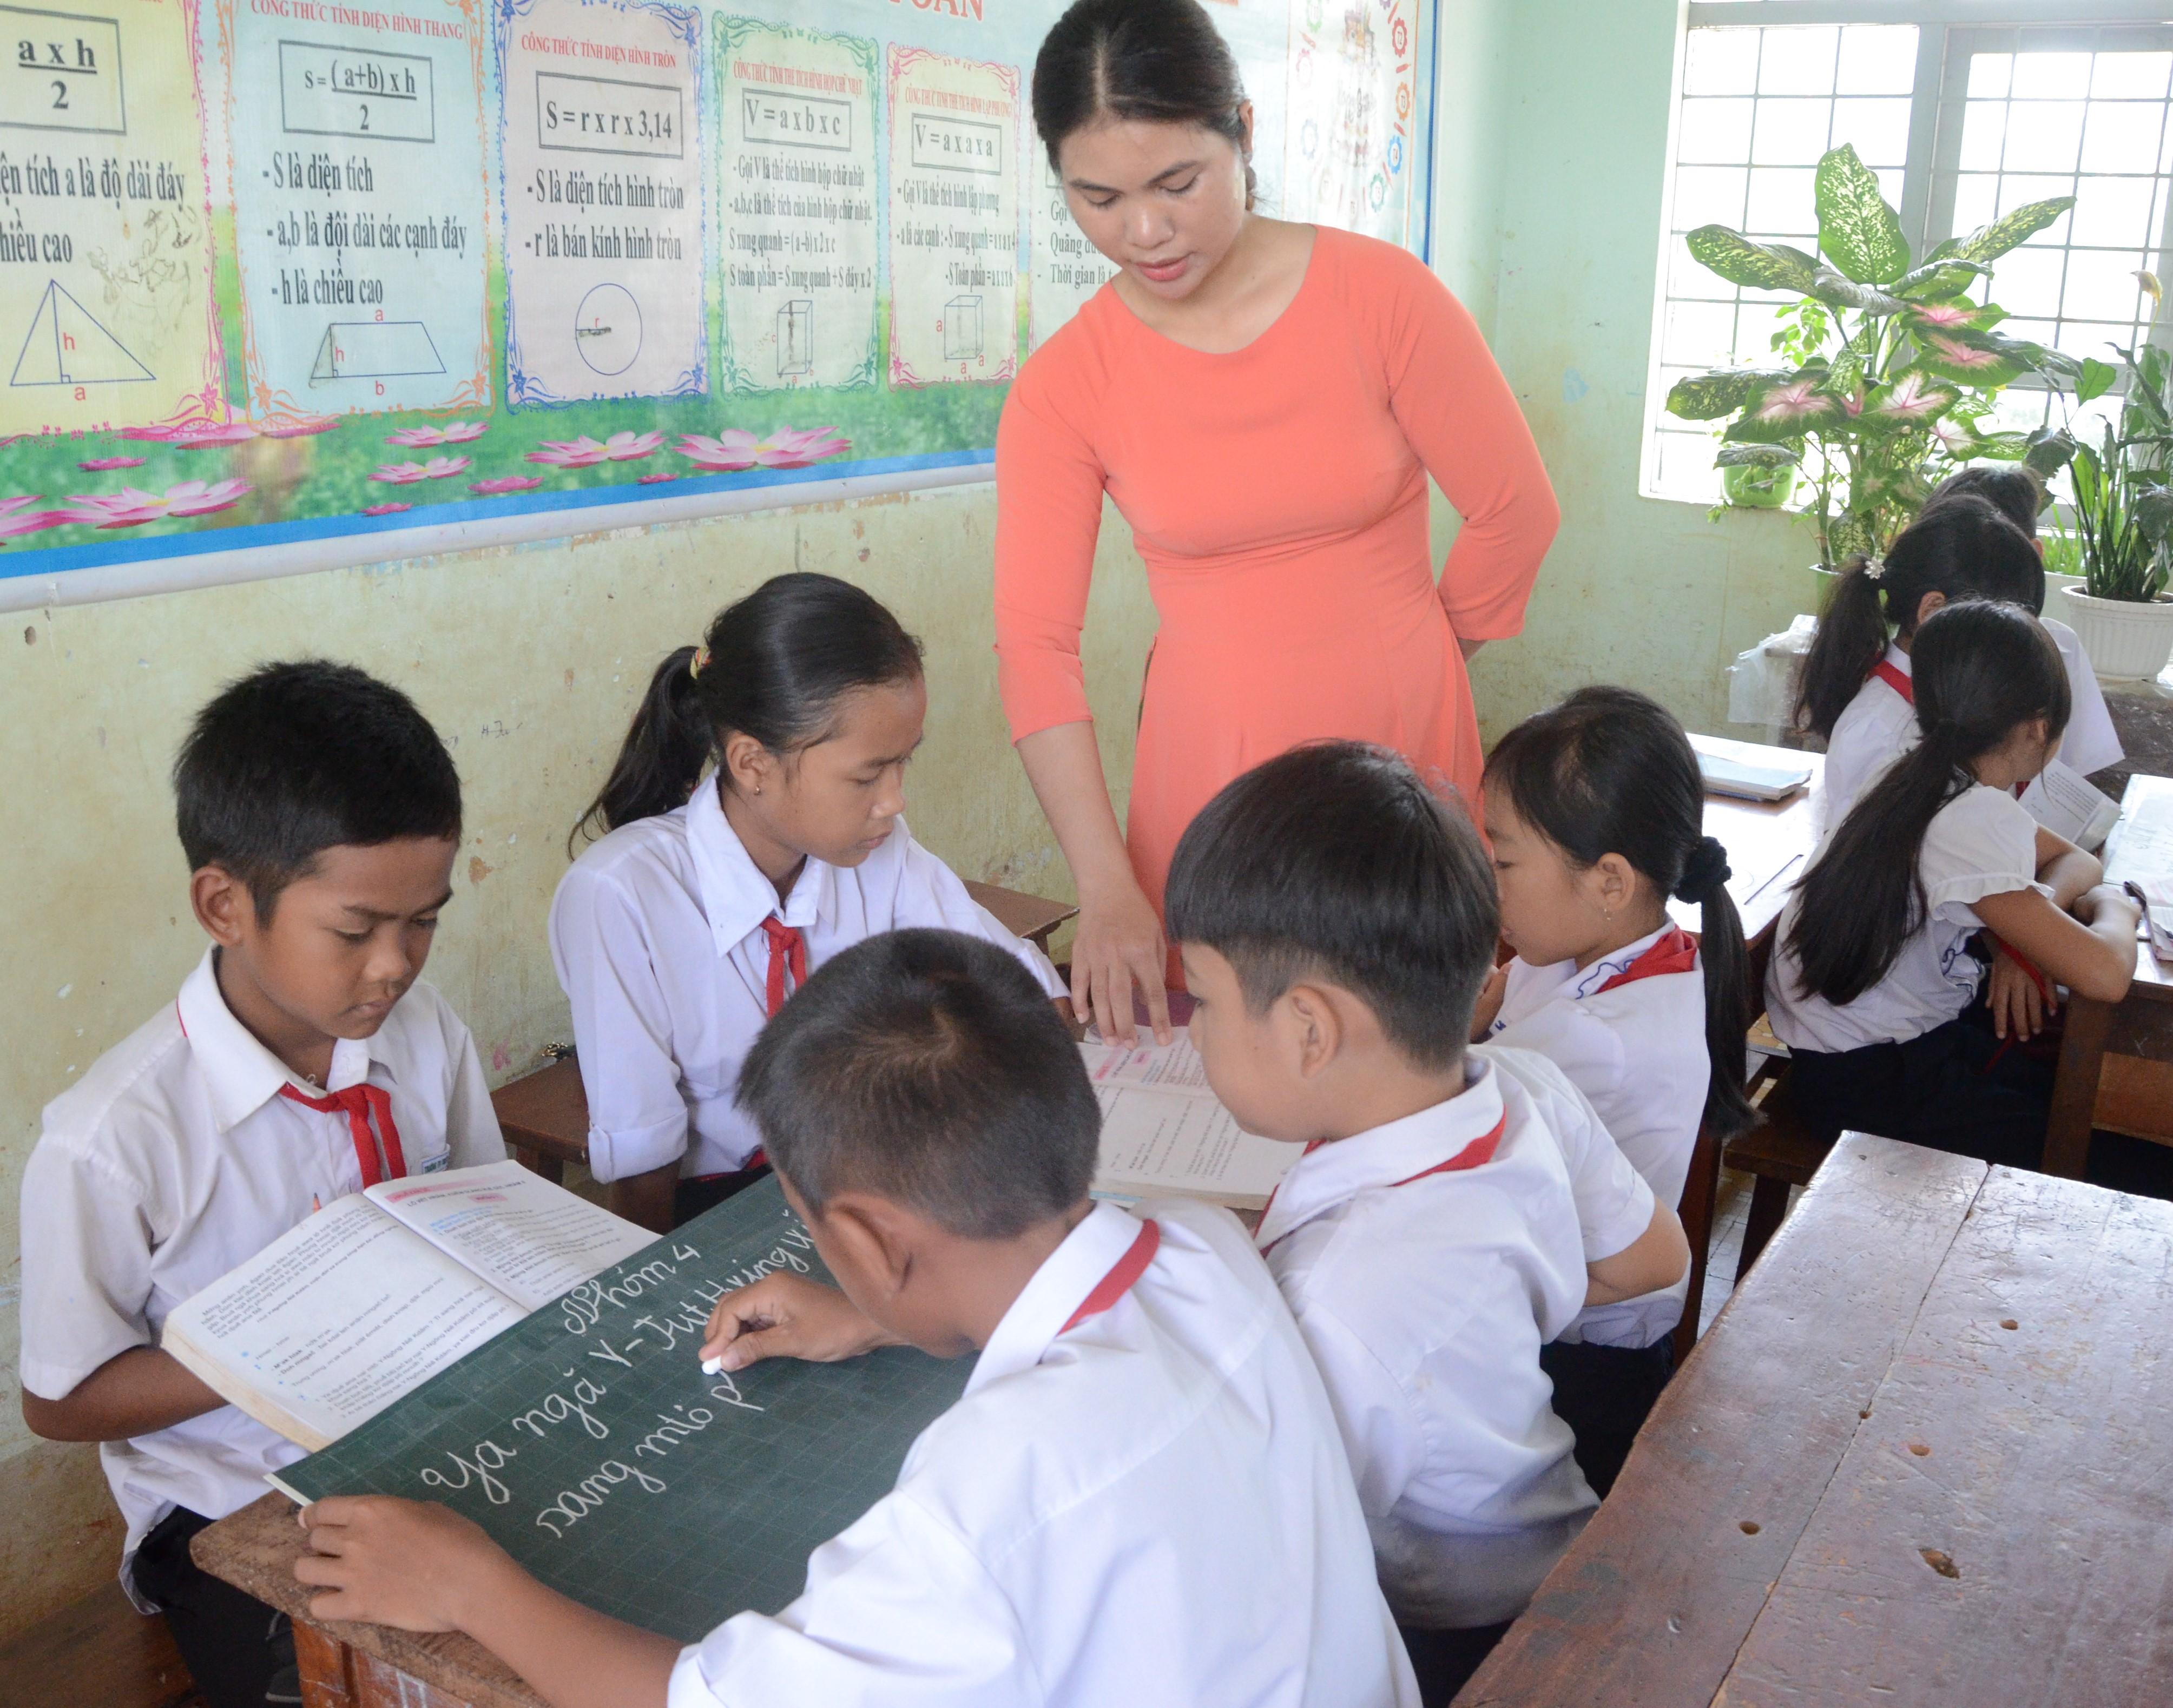 Các trường tiểu học, mầm non trên địa bàn tỉnh Đăk Lăk được tăng cường tiếng Việt bằng nhiều cách